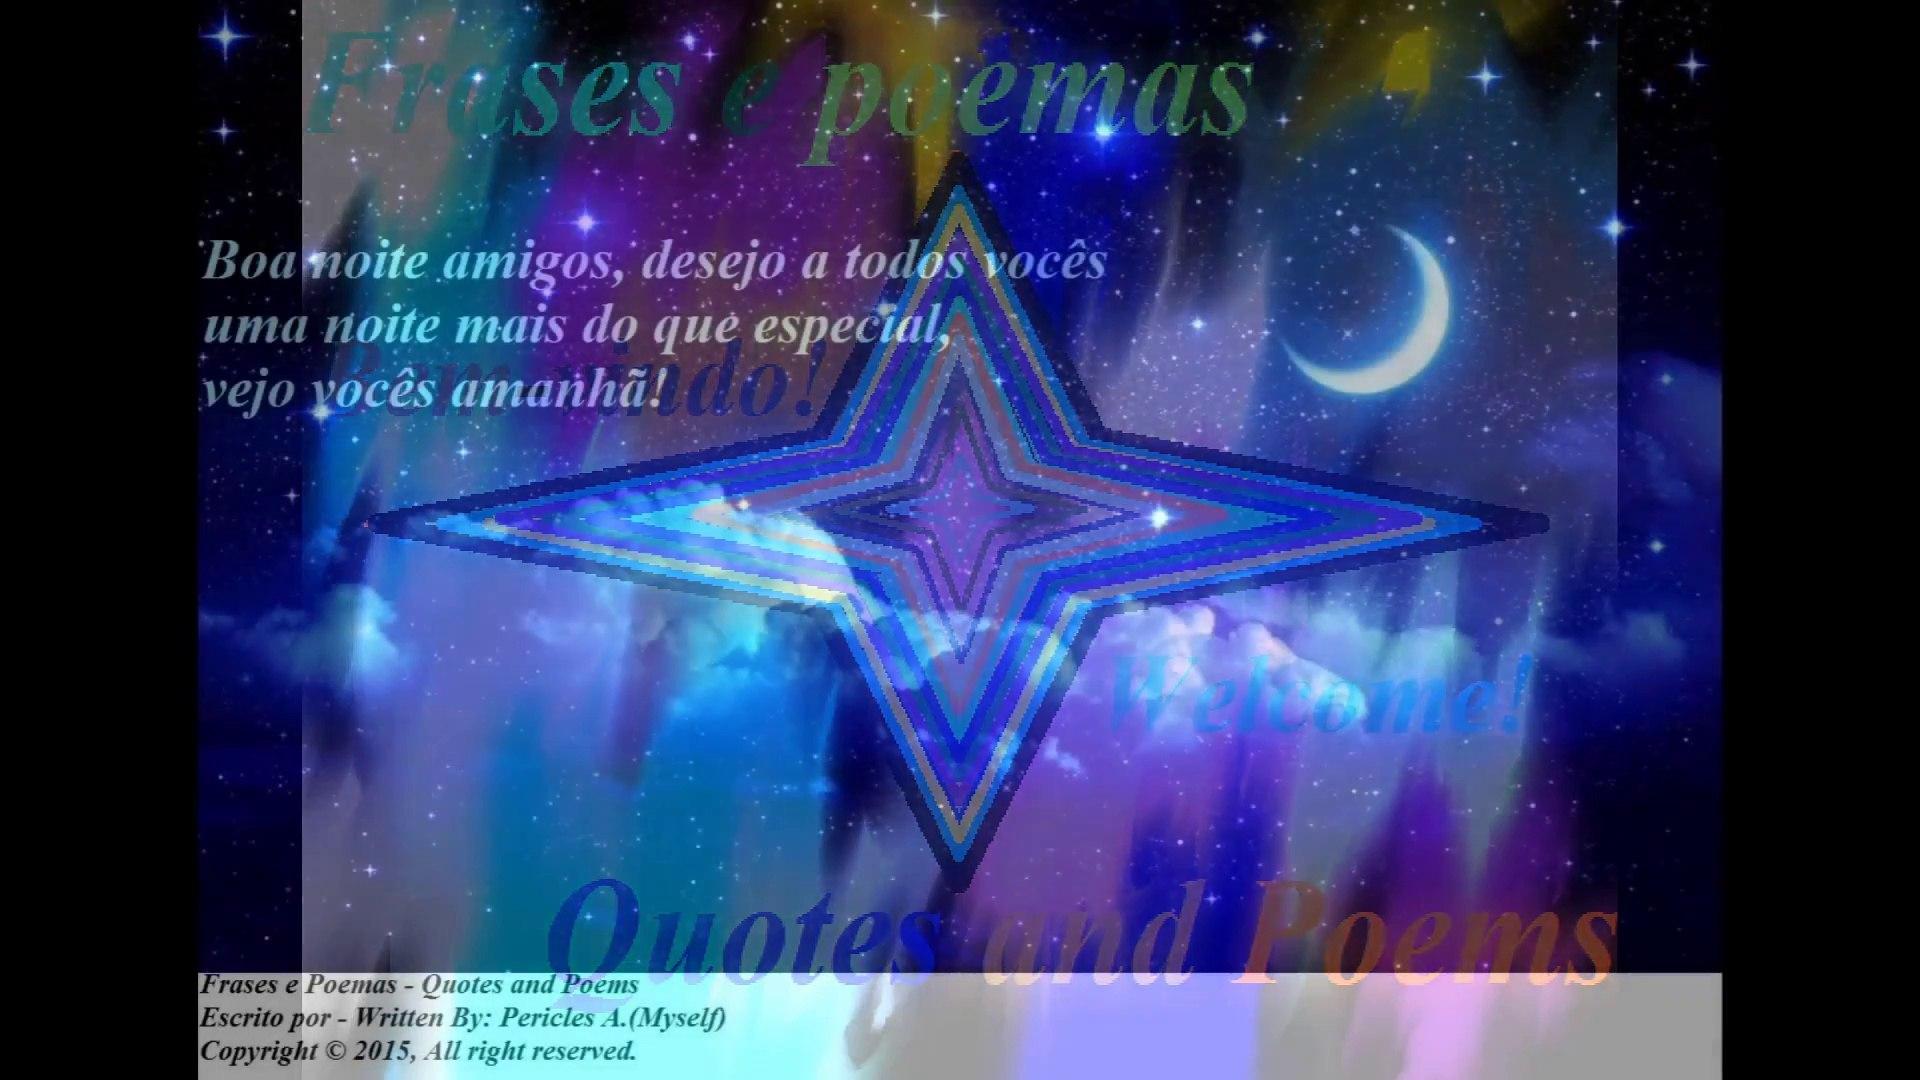 Boa Noite Amigos Desejo A Todos Vocês Uma Noite Especial Mensagem Frases E Poemas